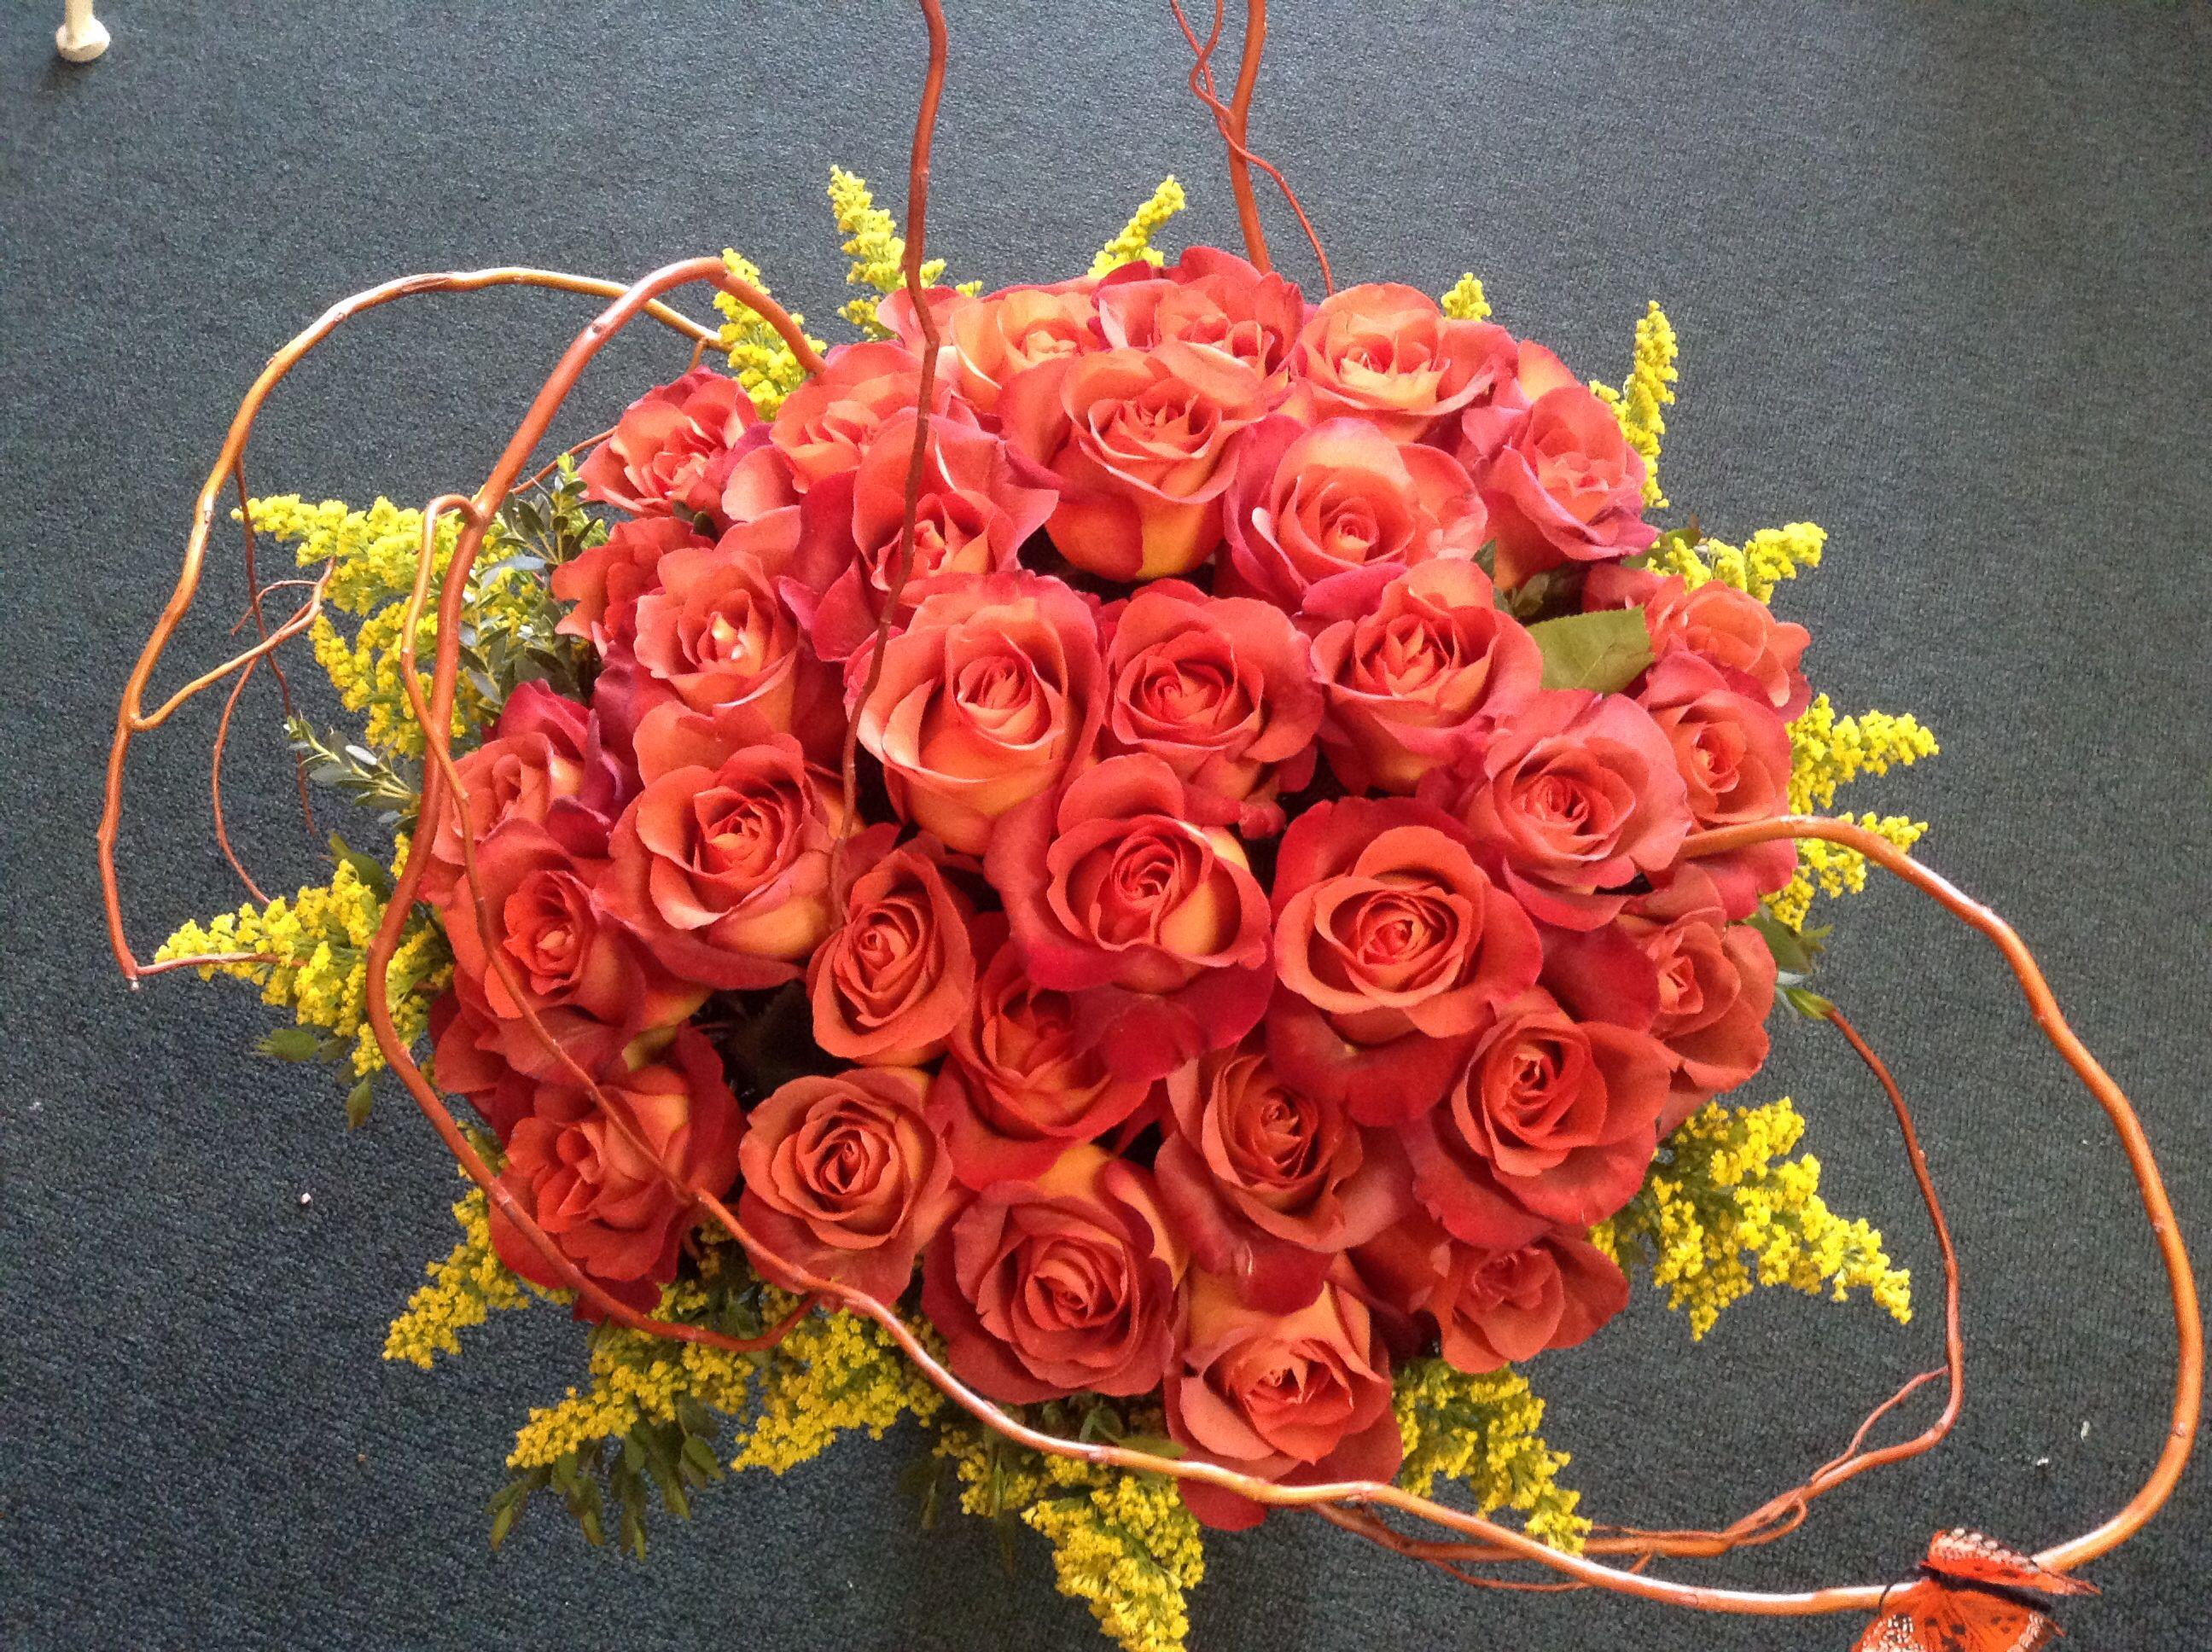 La Fleur Florist Cheyenne Wy Wedding Flower Arrangements Flower Arrangements Wedding Arrangements